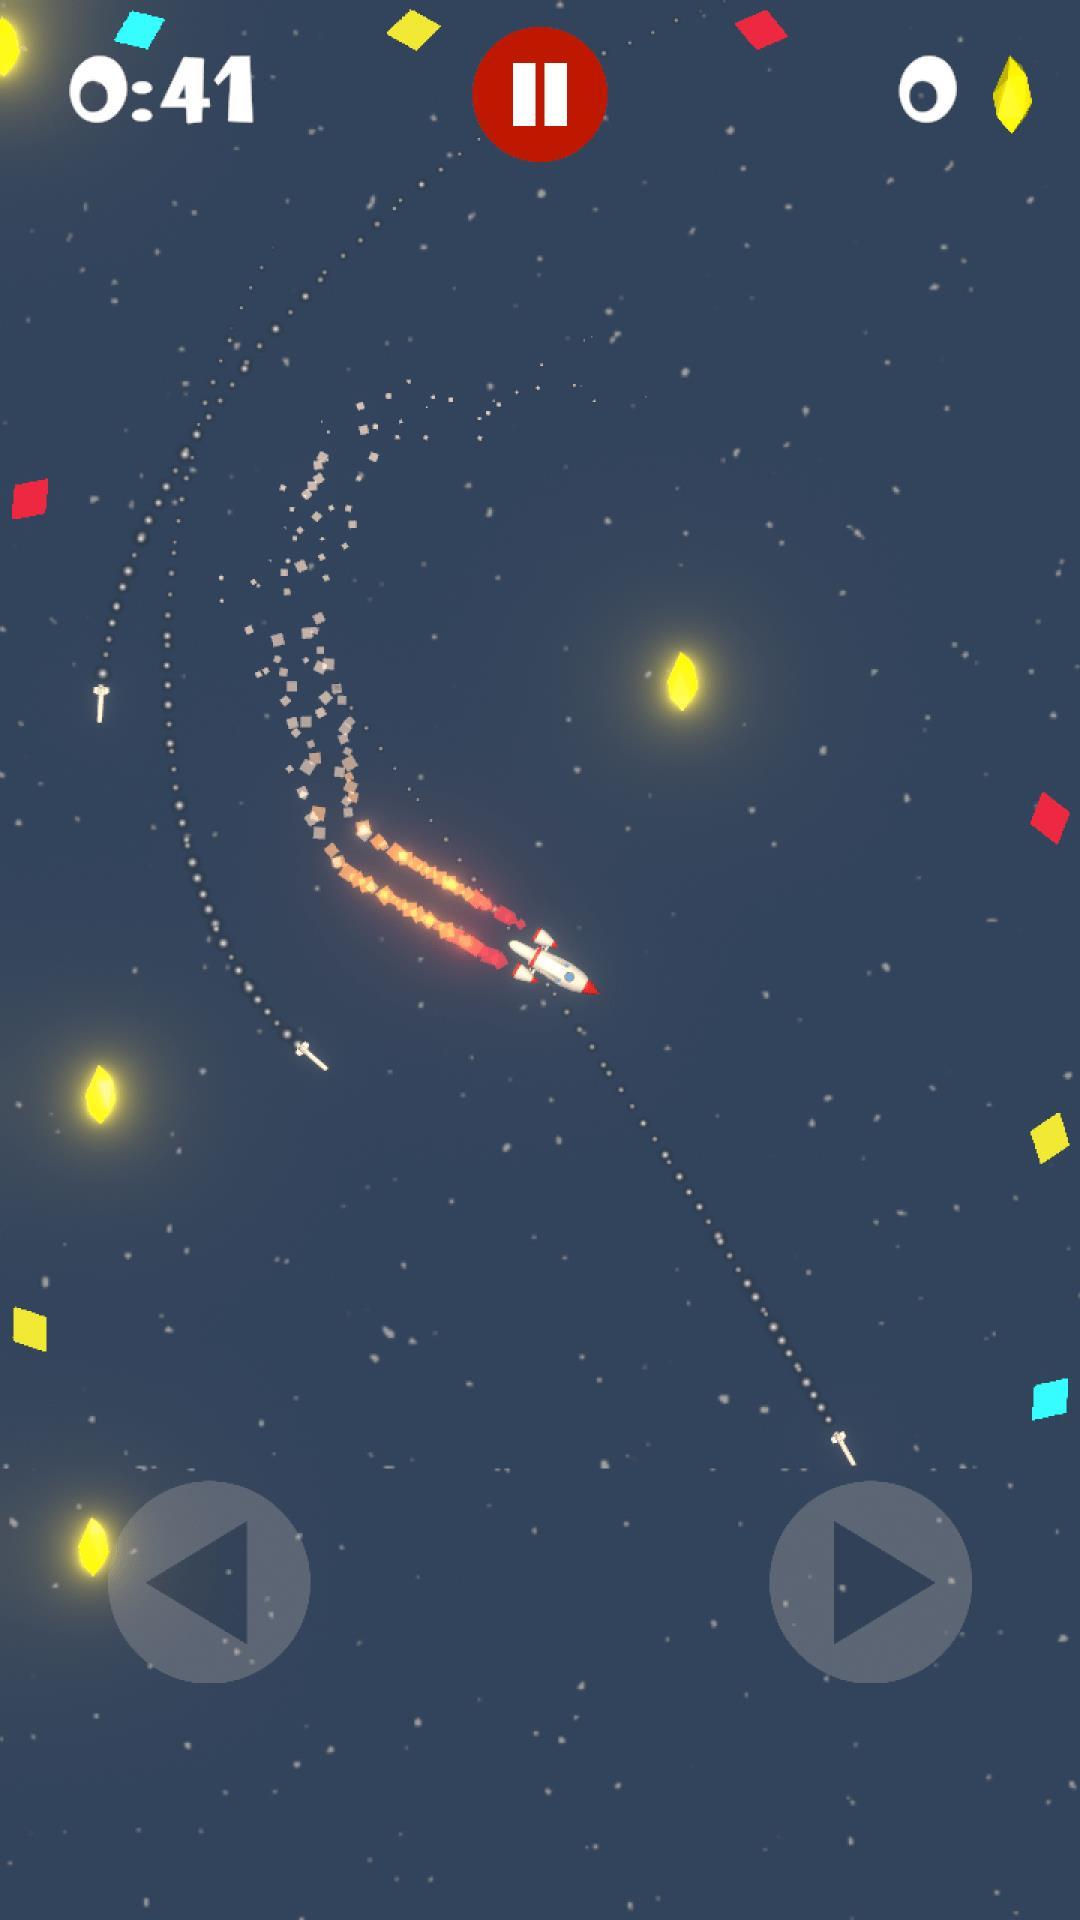 小火箭冒险